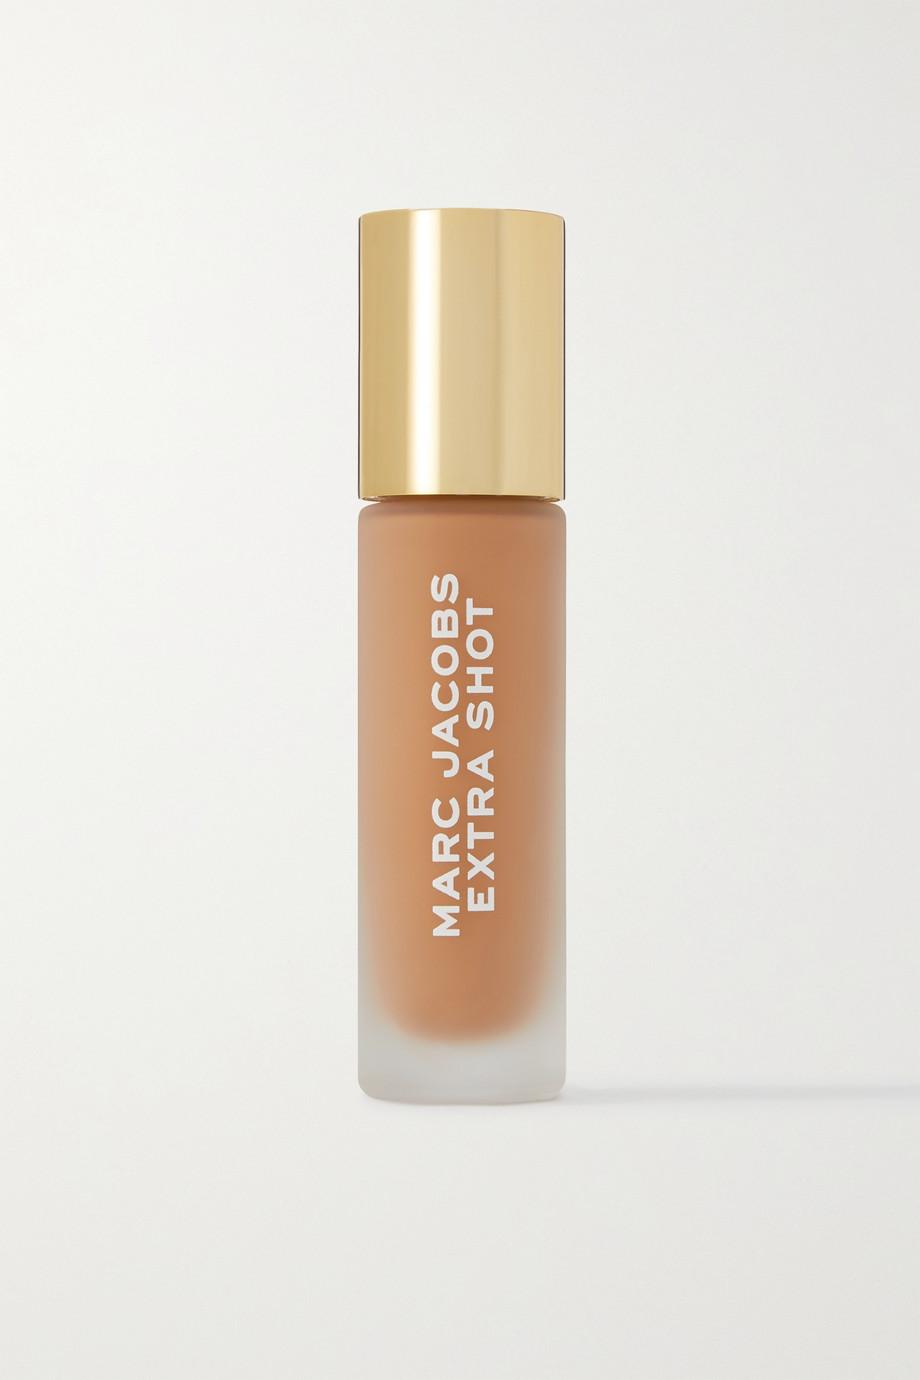 Marc Jacobs Beauty Correcteur longue tenue rajeunissant Extra Shot Café, Tan 360, 15 ml